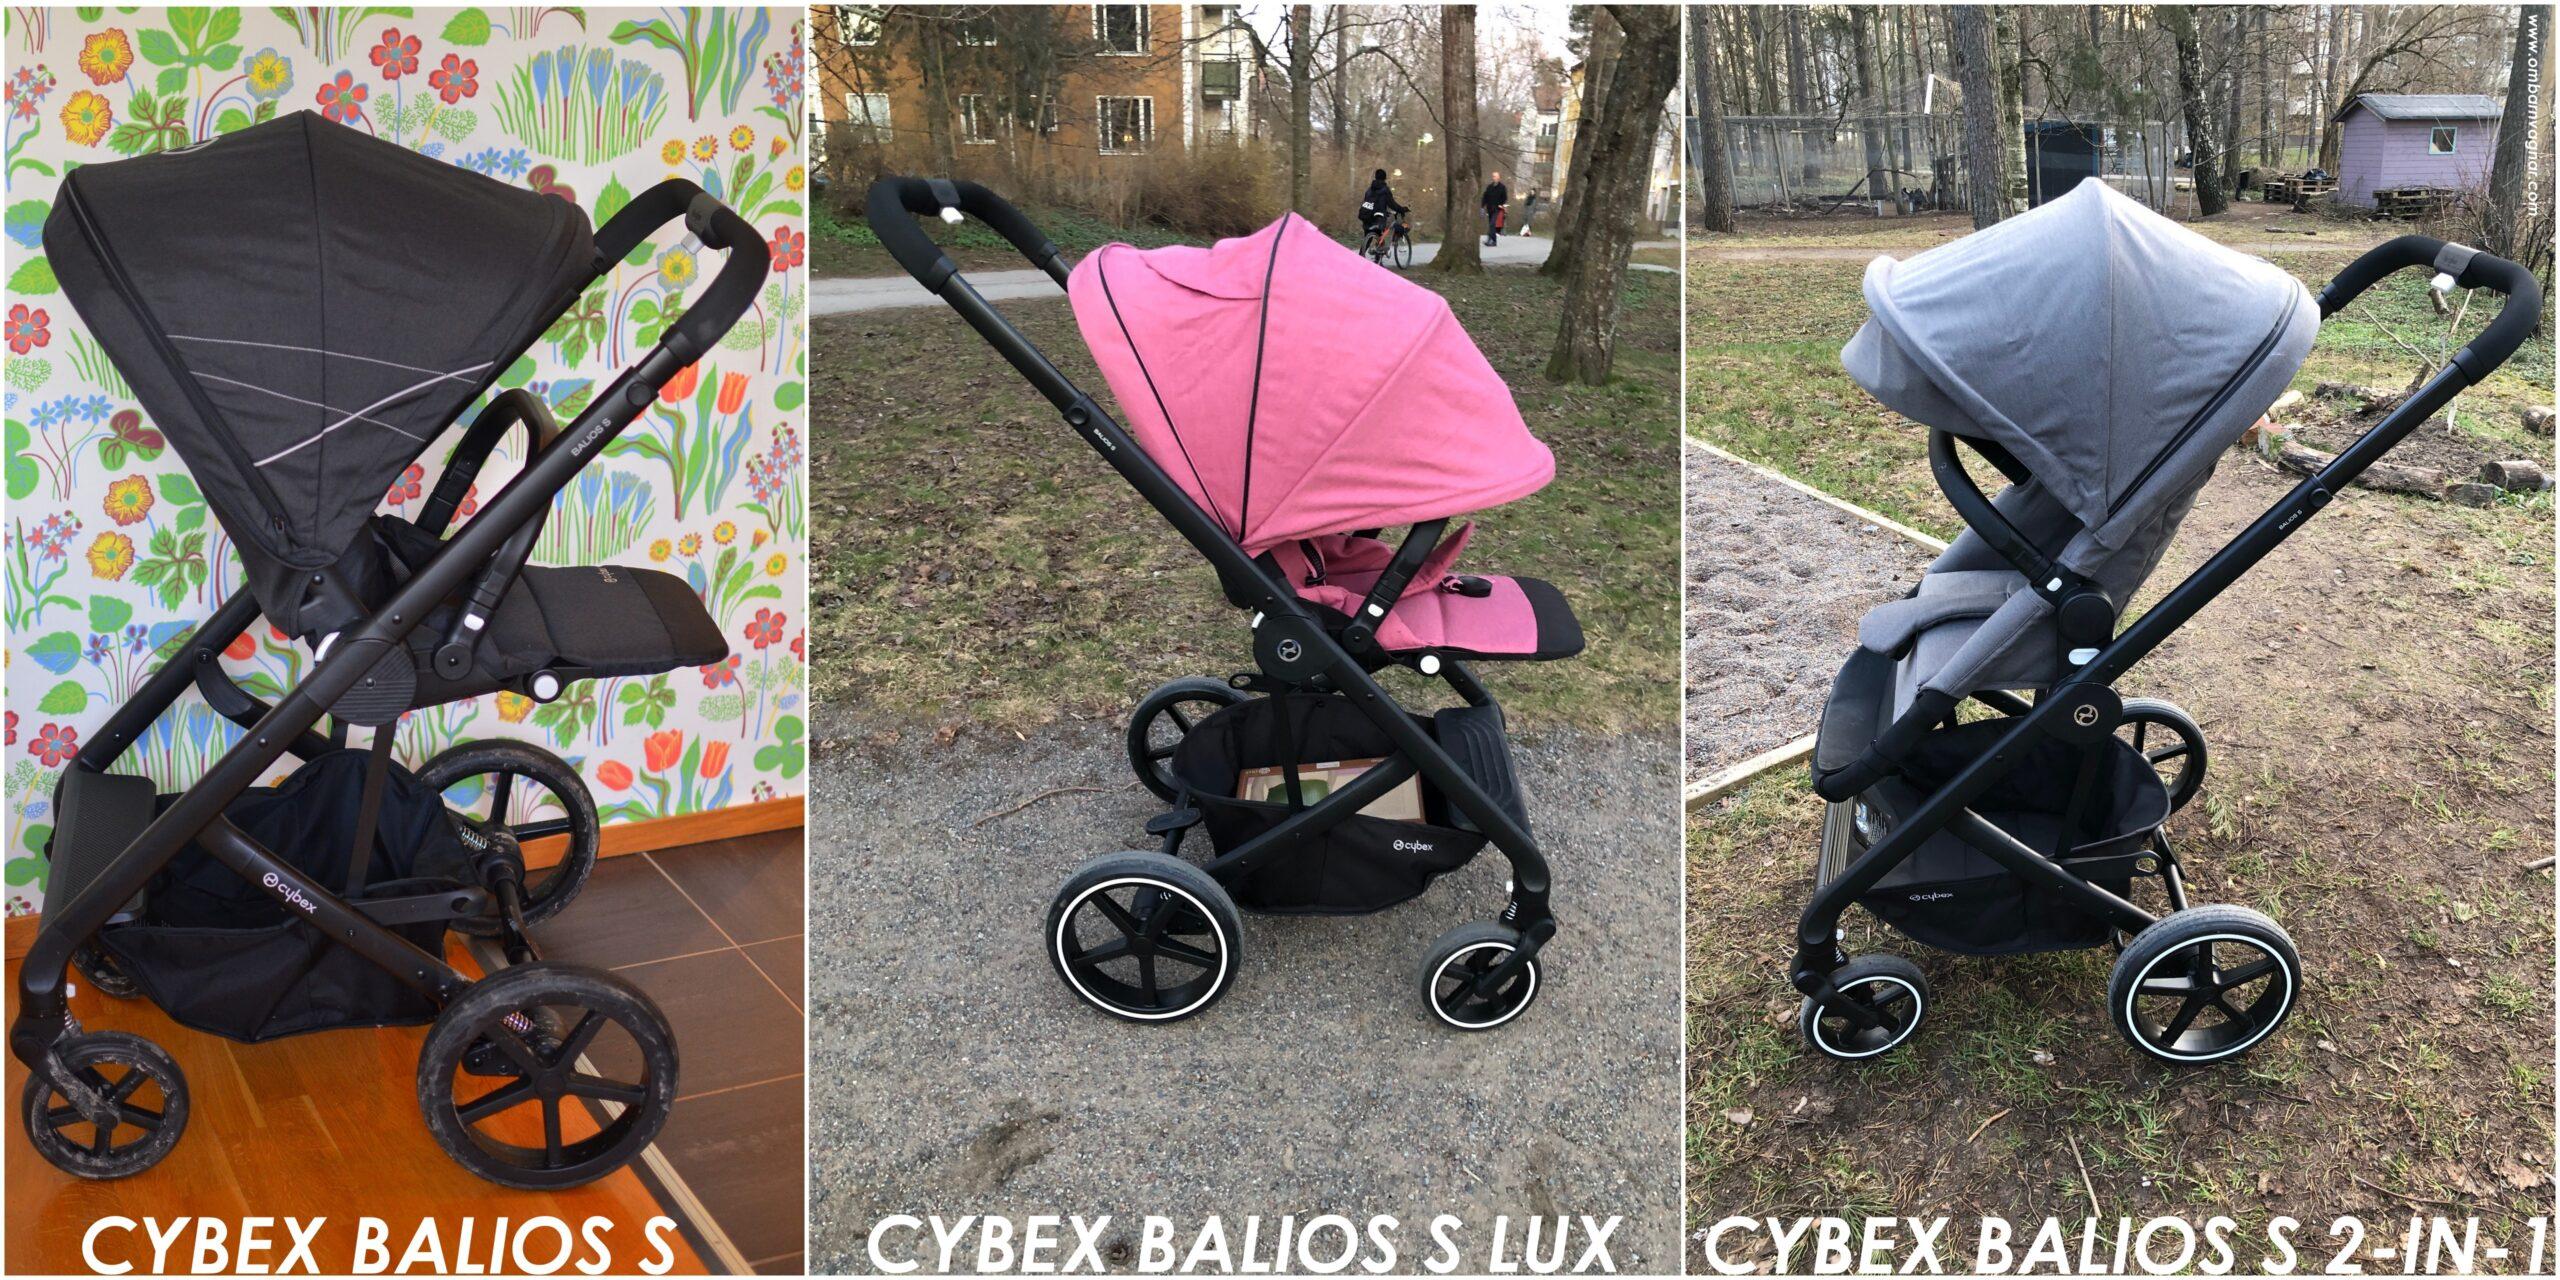 Skillnaden mellan olika versioner av Cybex Balios S